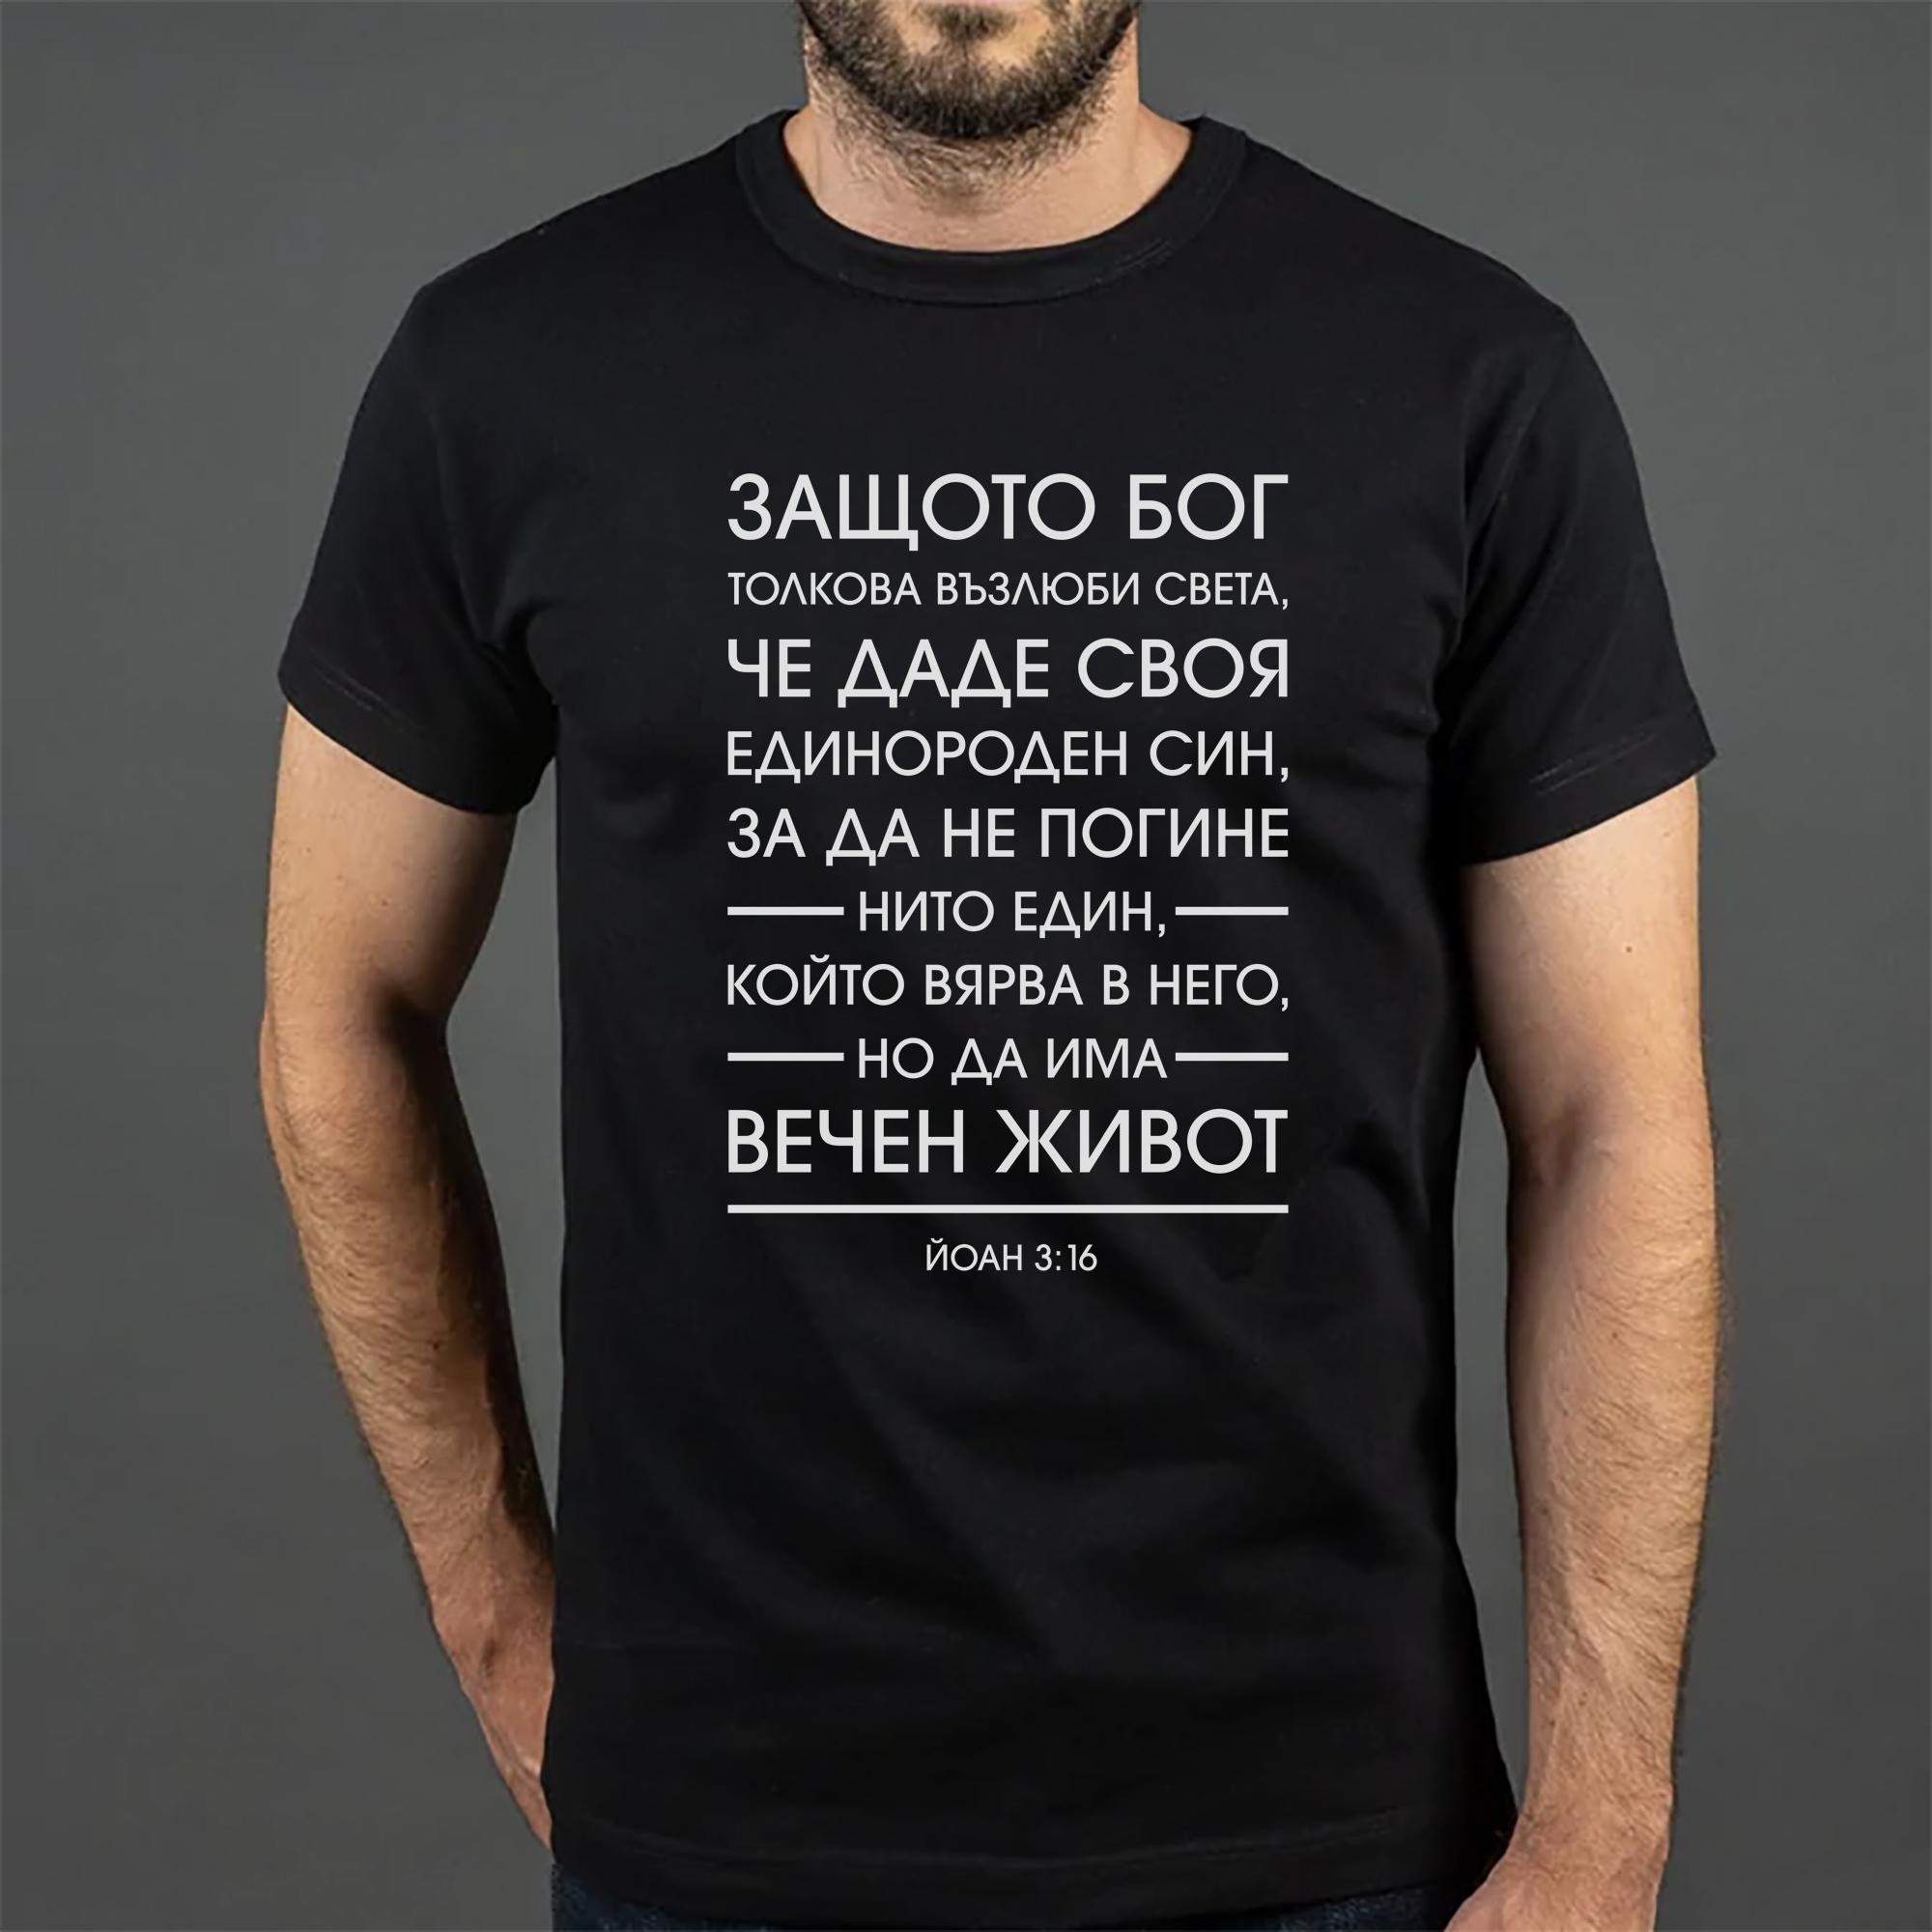 Тениска - Йоан 3:16 (размер L)